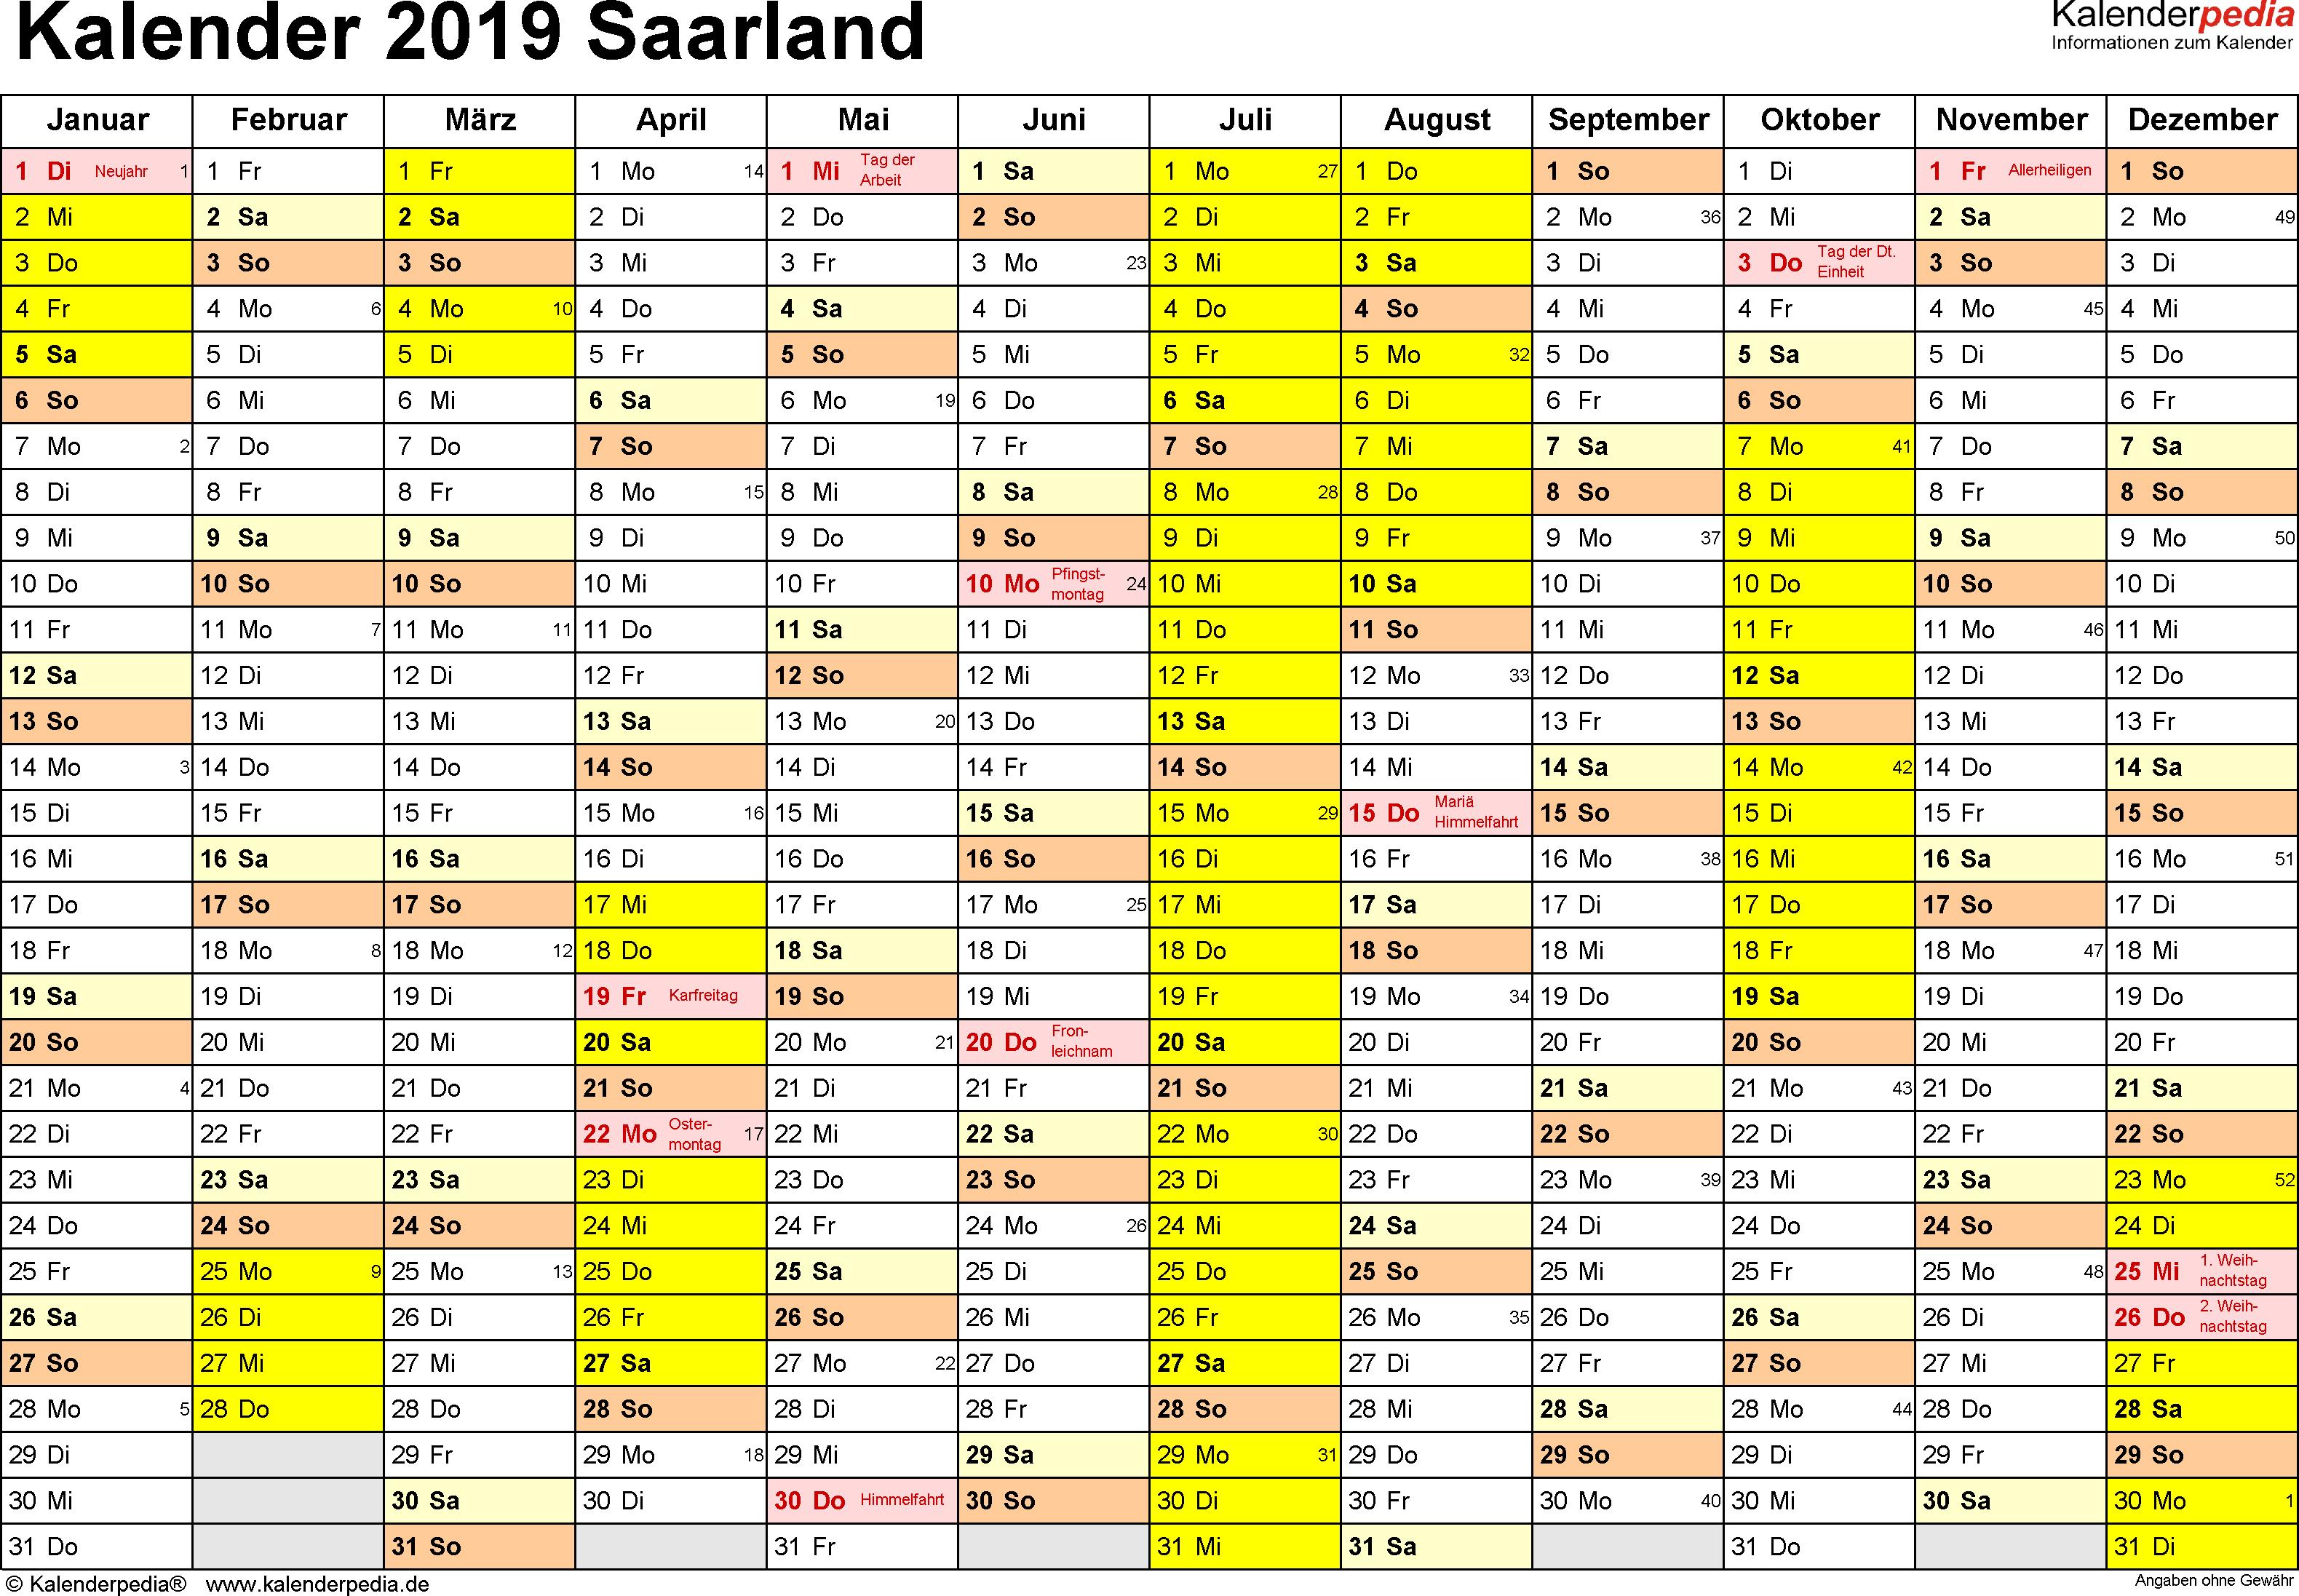 Vorlage 1: Kalender 2019 für Saarland als Word-Vorlage (Querformat, 1 Seite)